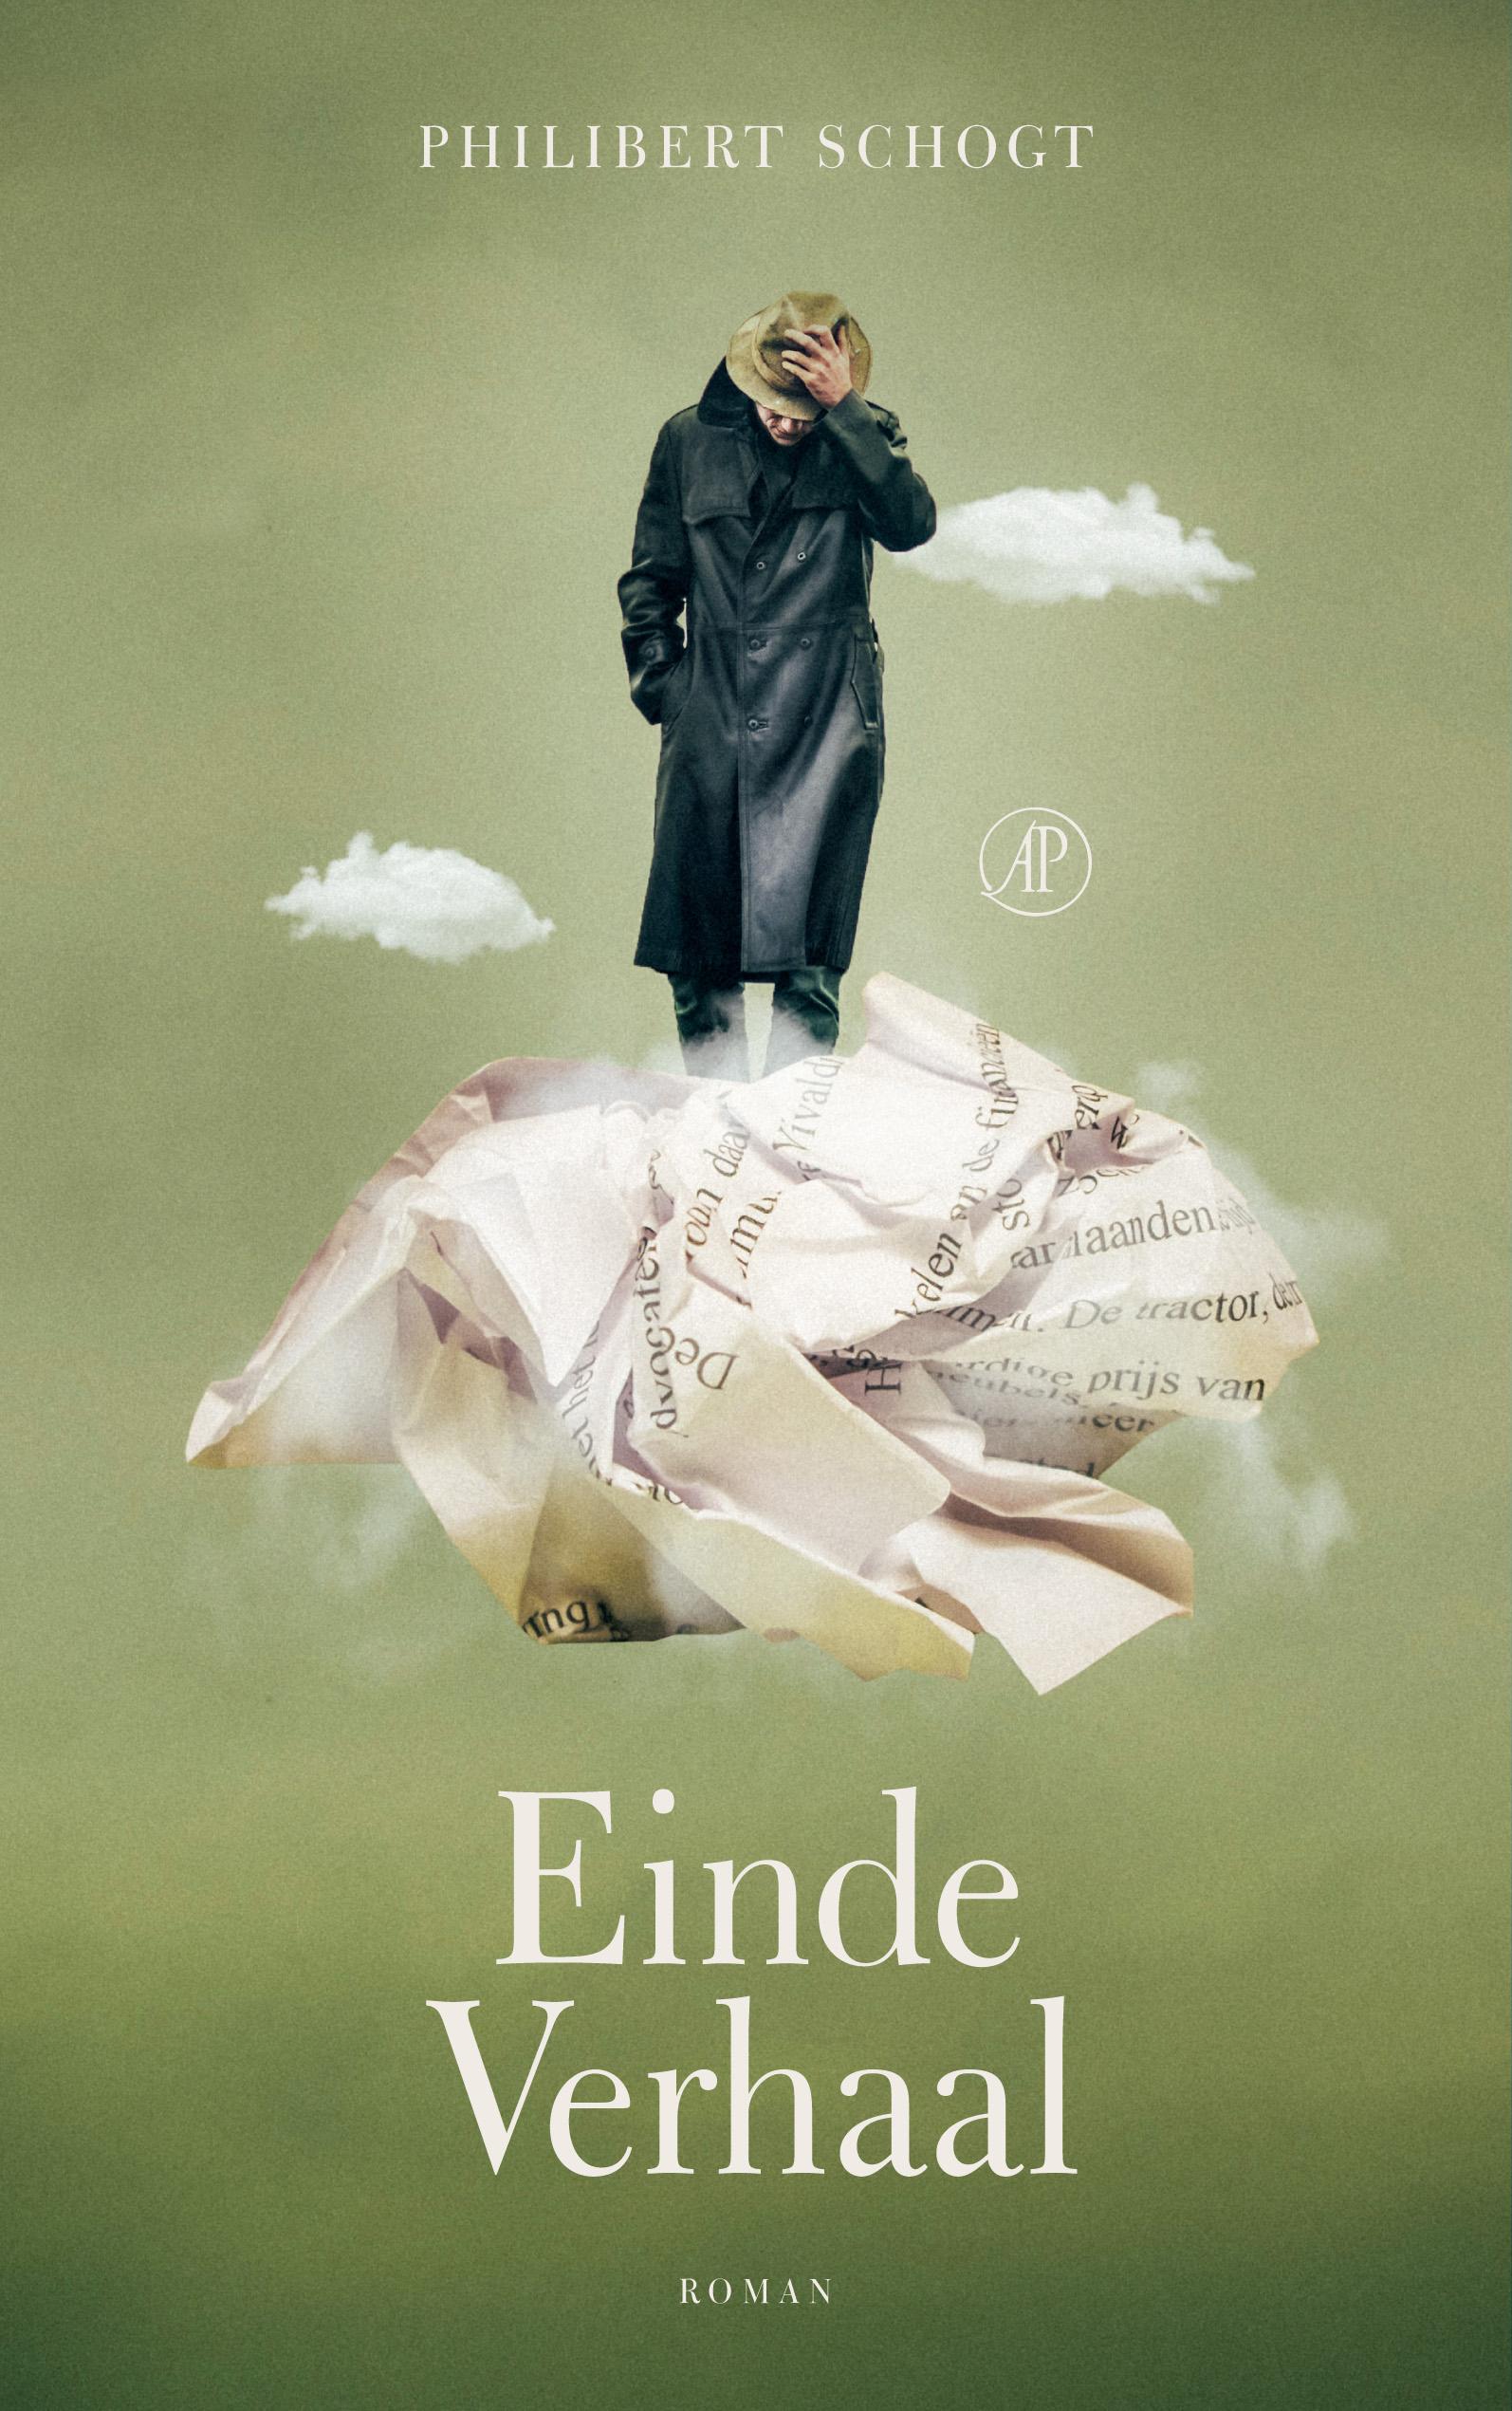 End of Story/Einde verhaal – Philibert Schogt